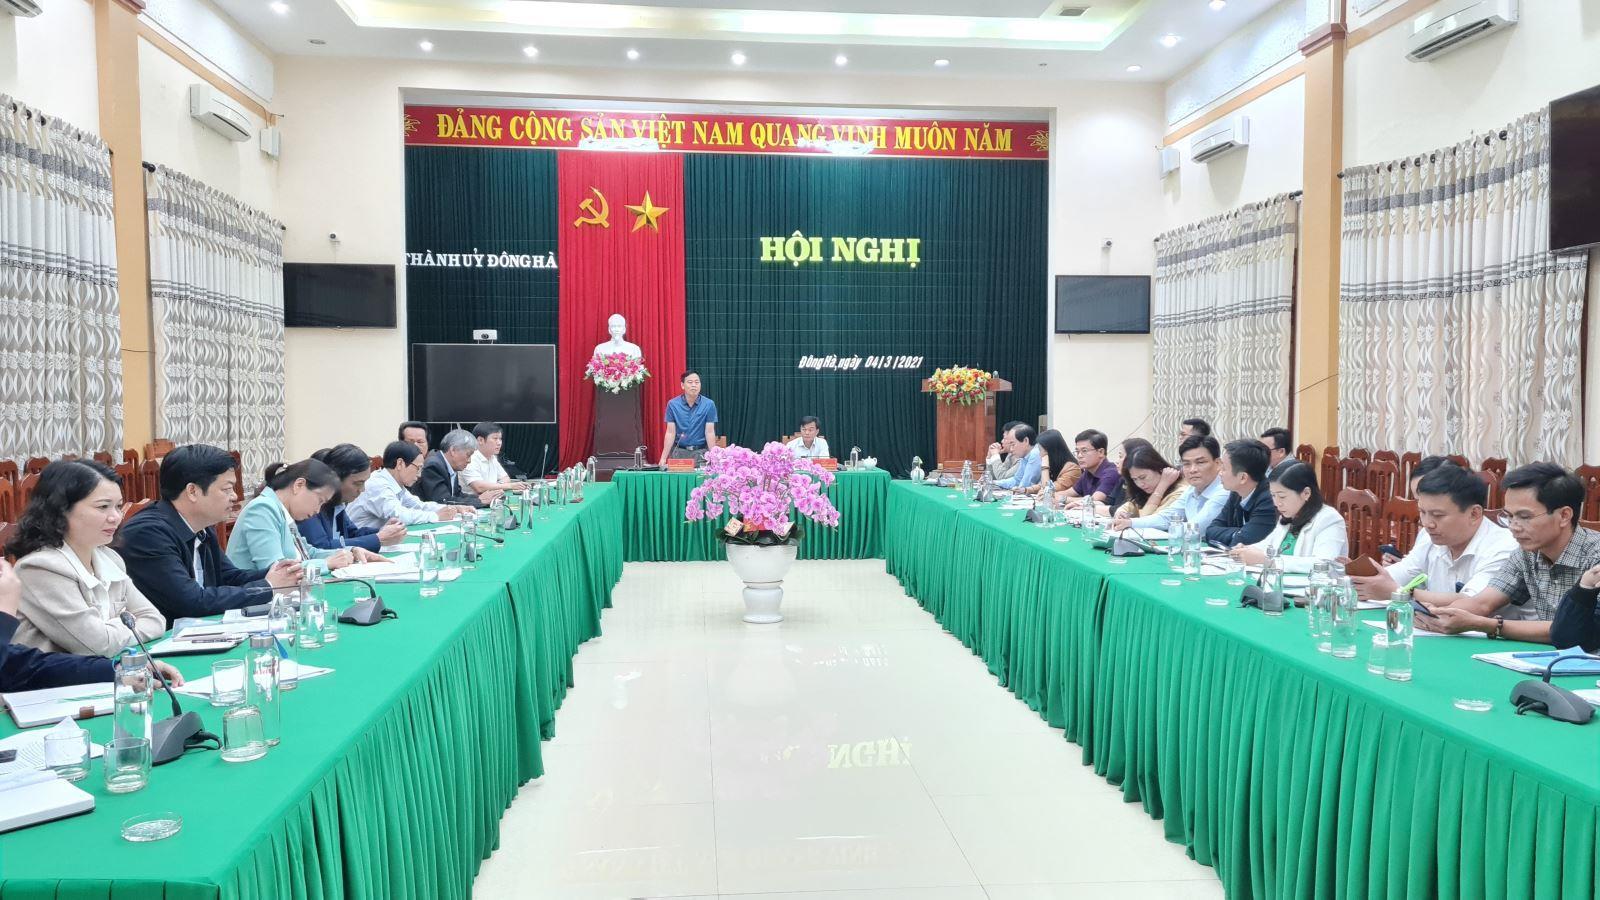 Phó Bí thư Thường trực Tỉnh ủy Nguyễn Đăng Quang làm việc với Ban Thường vụ Thành ủy Đông Hà